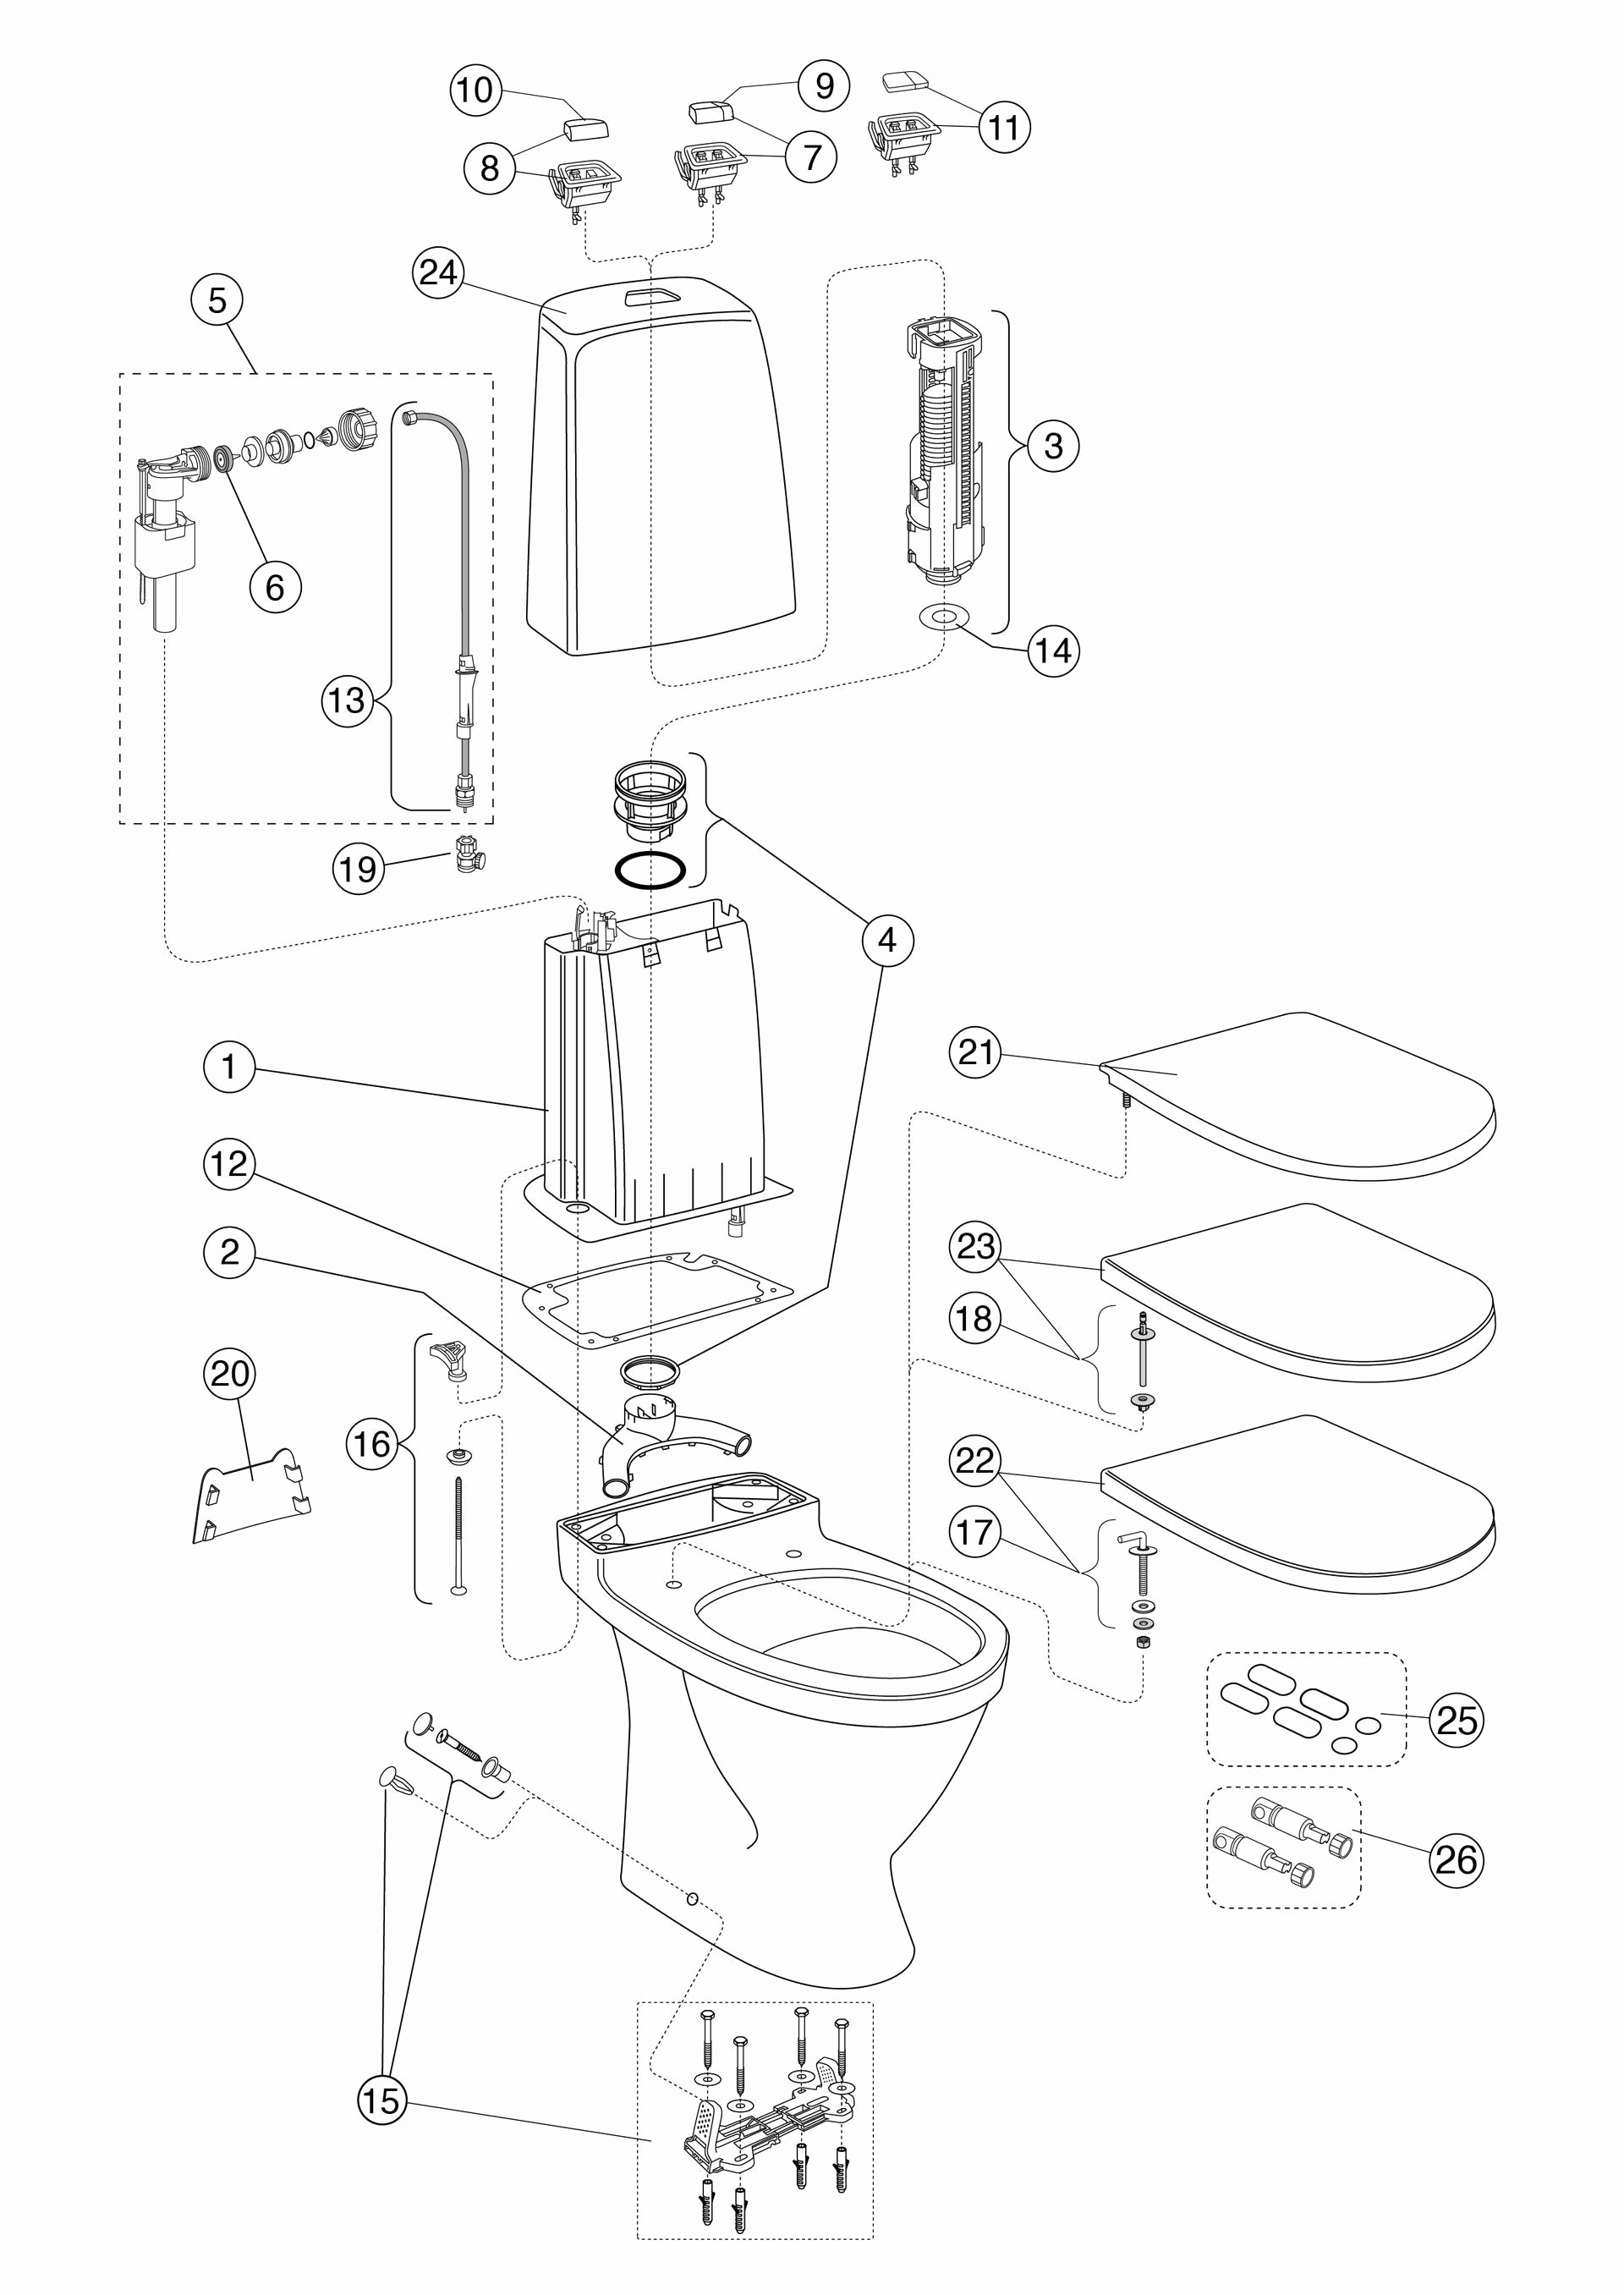 Bathroom Sink Drain Parts Diagram Kitchen Sink Parts Names Refrence Kitchen Sink Drain Parts Of Bathroom Sink Drain Parts Diagram